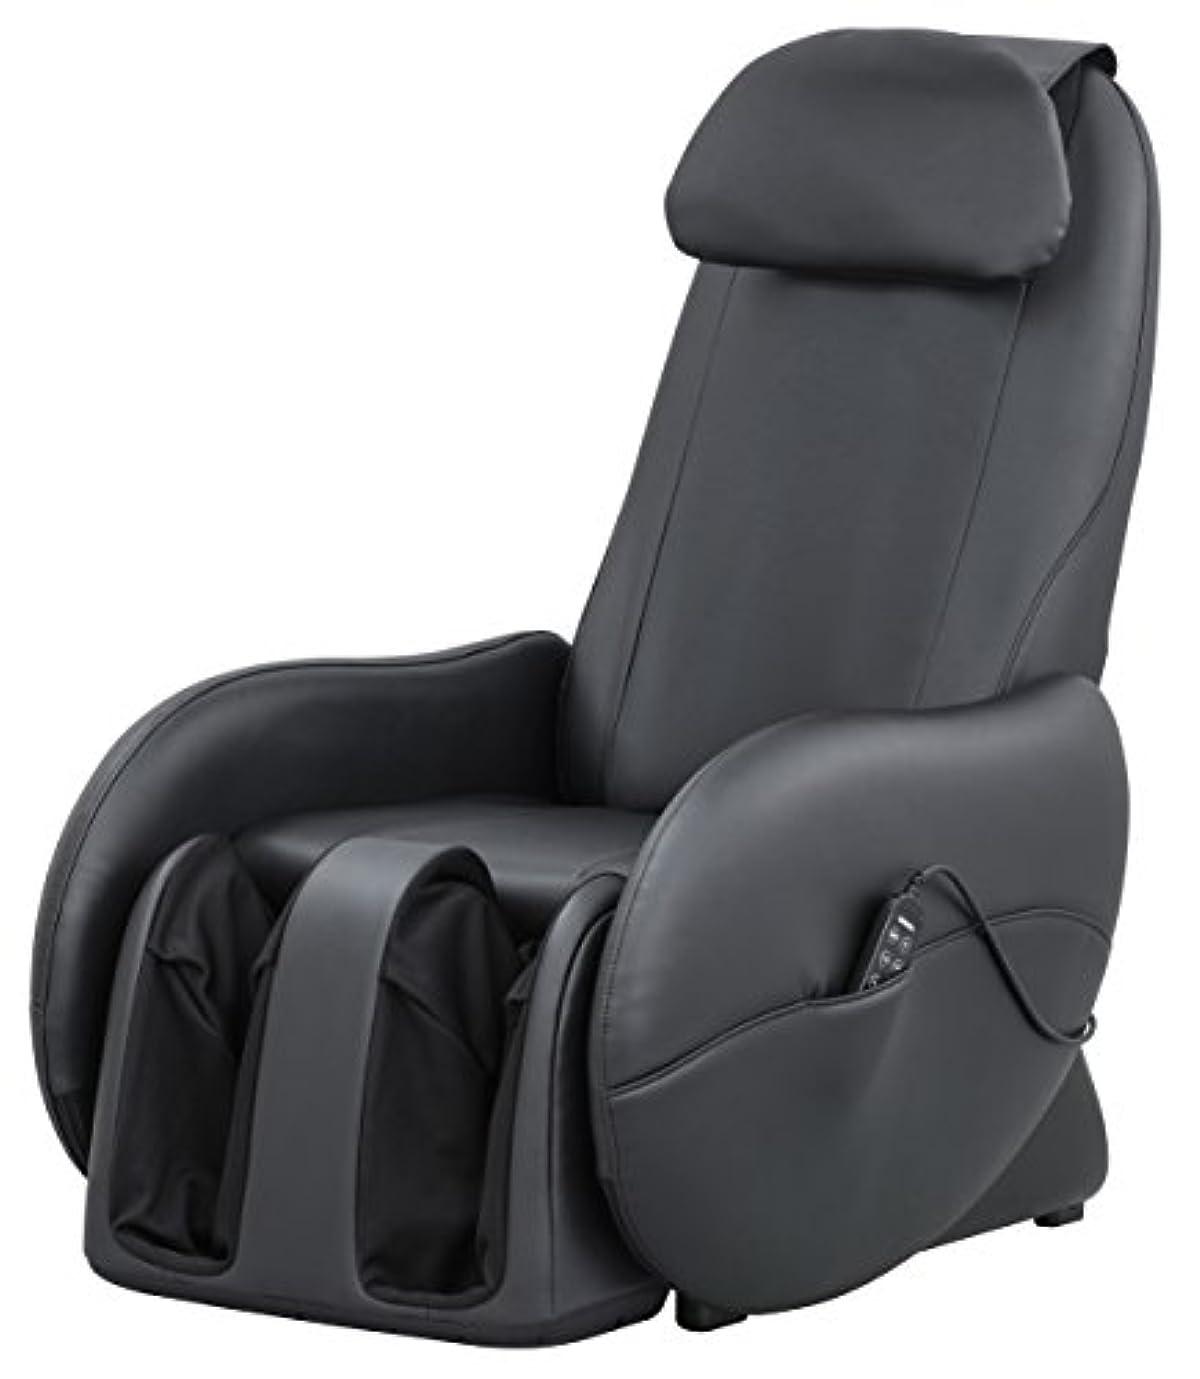 テラス却下するオーナースライヴ くつろぎ指定席Light マッサージチェア CHD-3700BK 正規品 ブラック おしゃれ コンパクト 小型